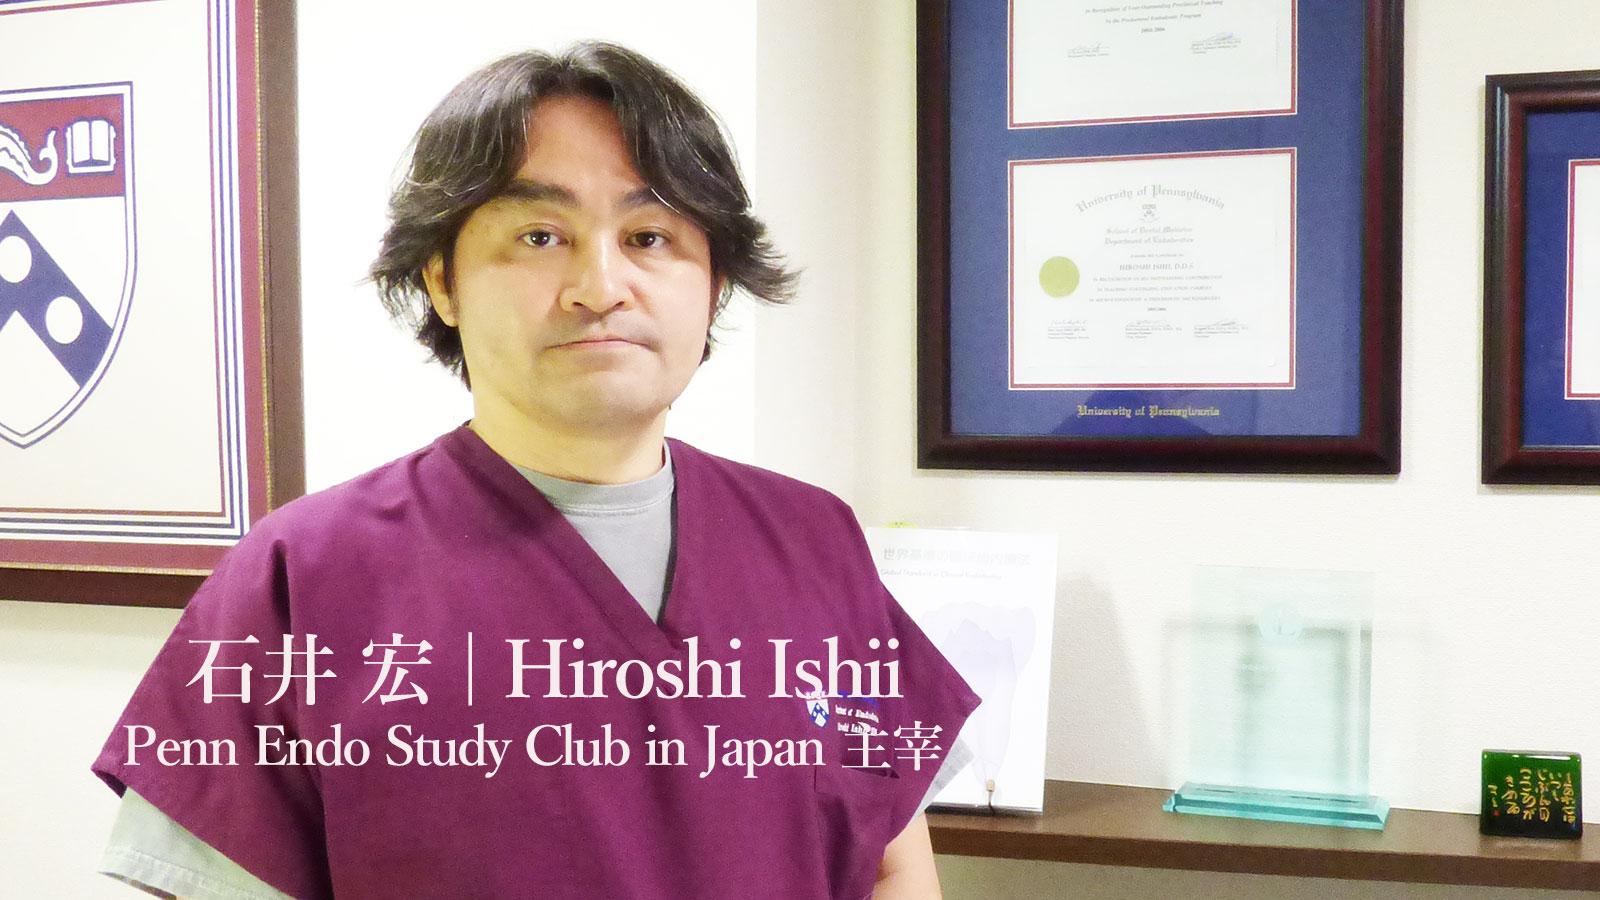 石井宏先生 前編『日米間における歯内療法の格差とは』の画像です